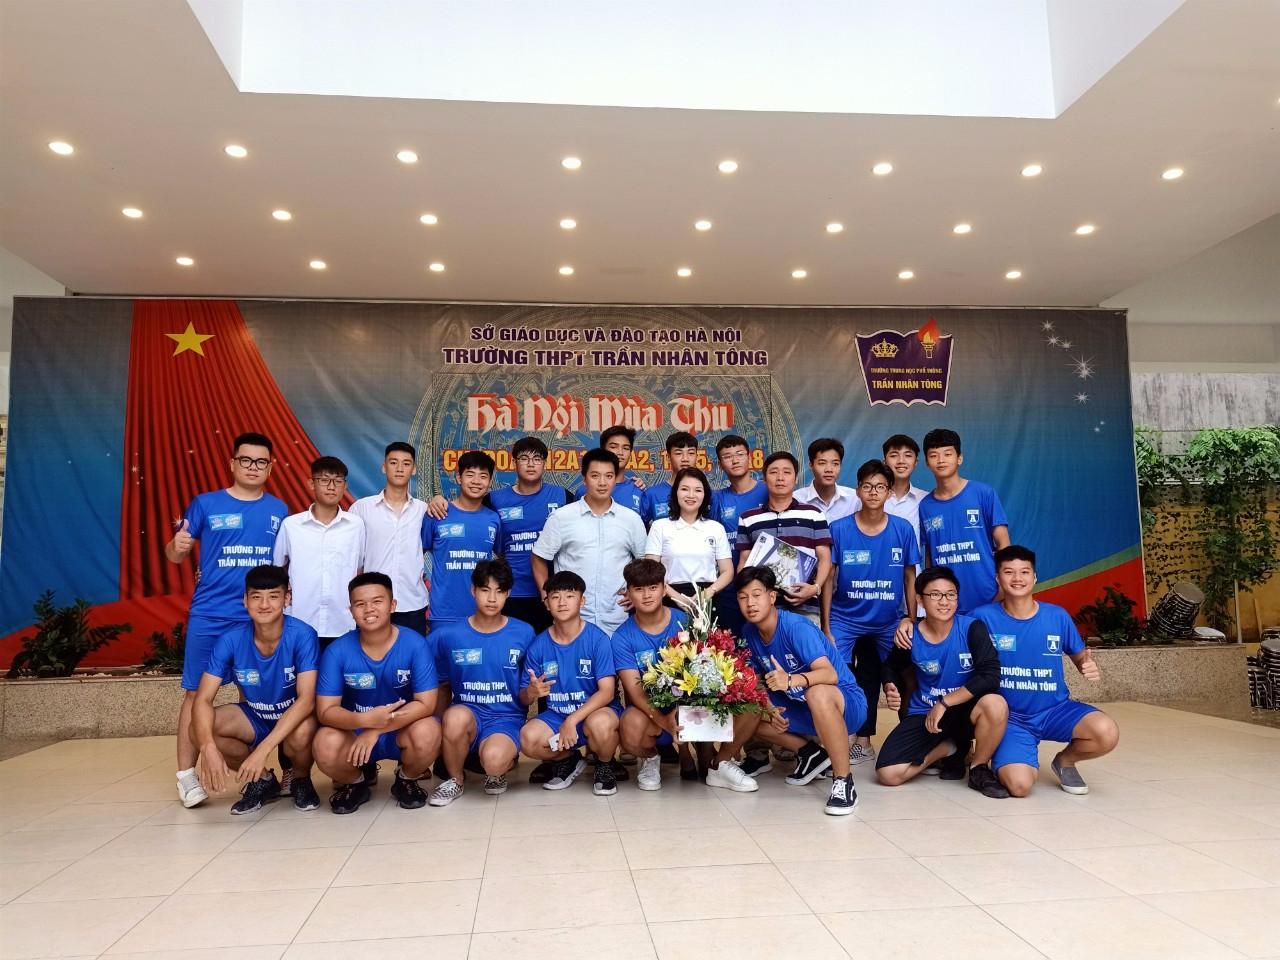 Chúc mừng đội tuyển bóng đá ra quân